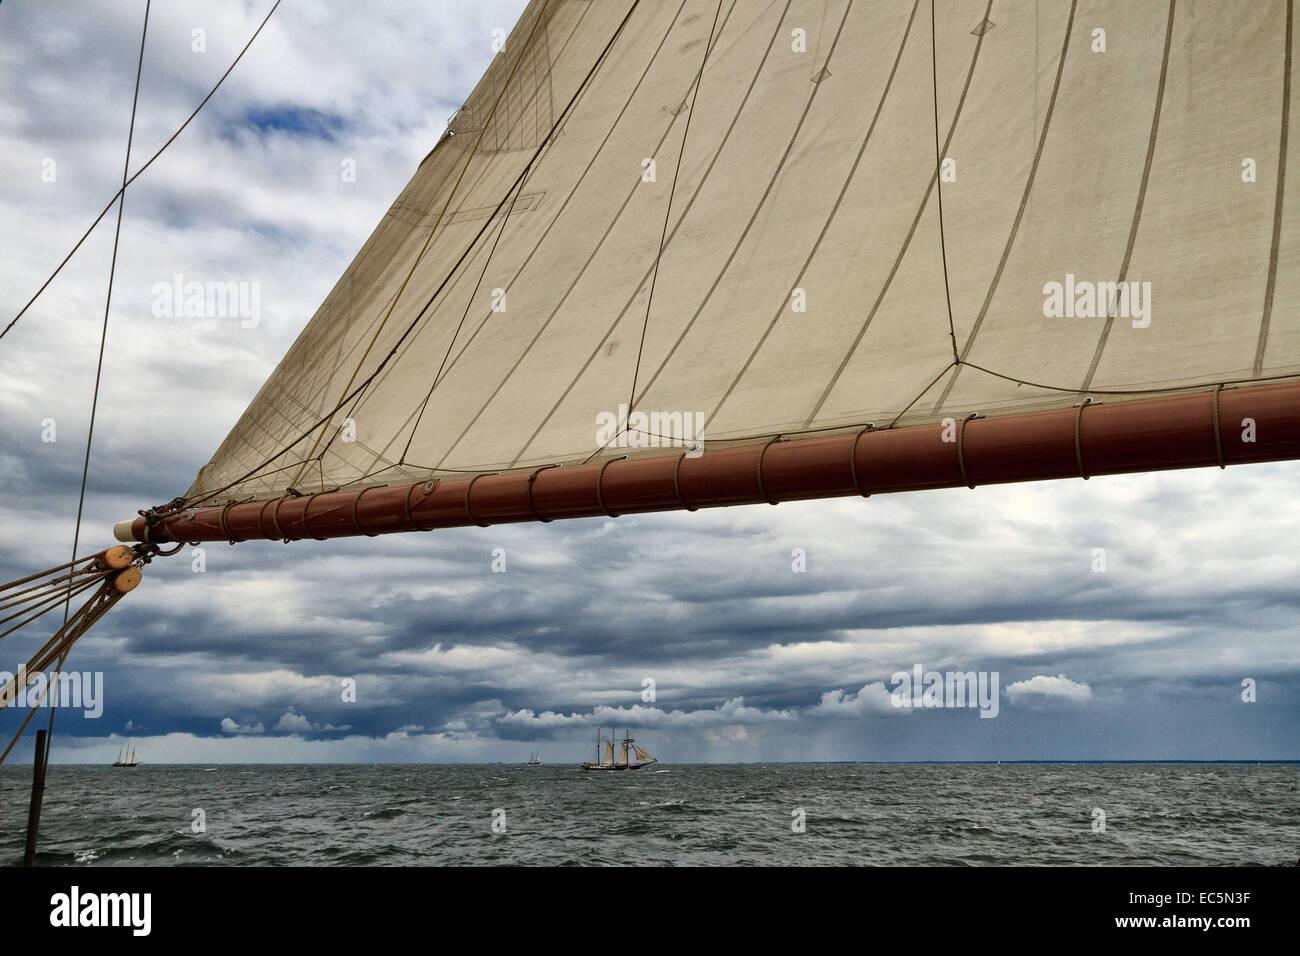 Sailing Ships at the Baltic Sea - Stock Image